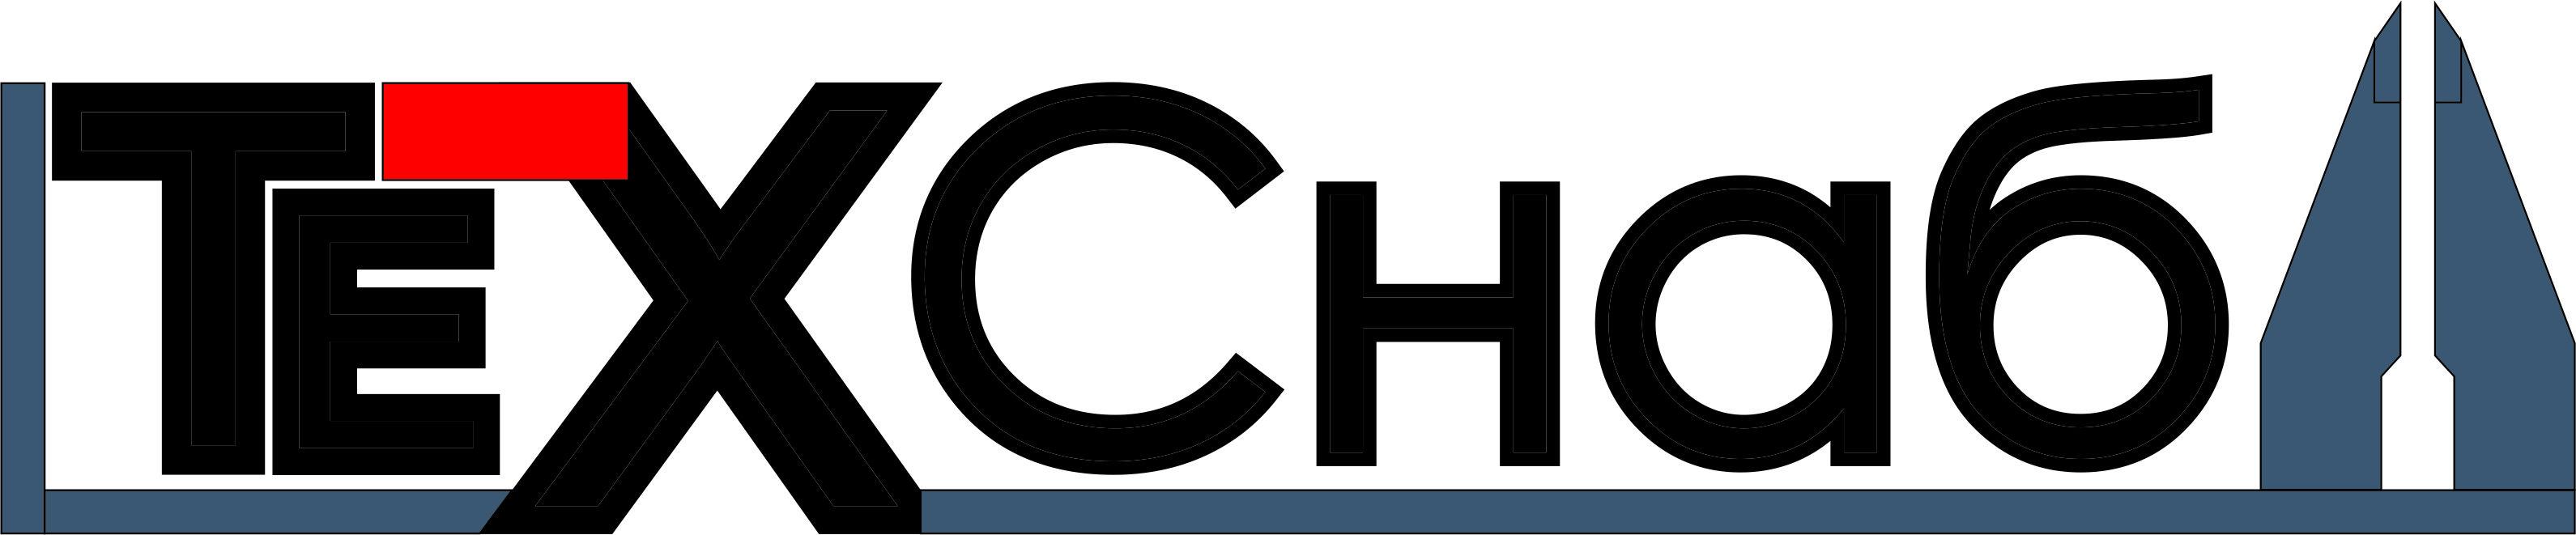 Разработка логотипа и фирм. стиля компании  ТЕХСНАБ фото f_4205b1ce1f9ed162.jpg